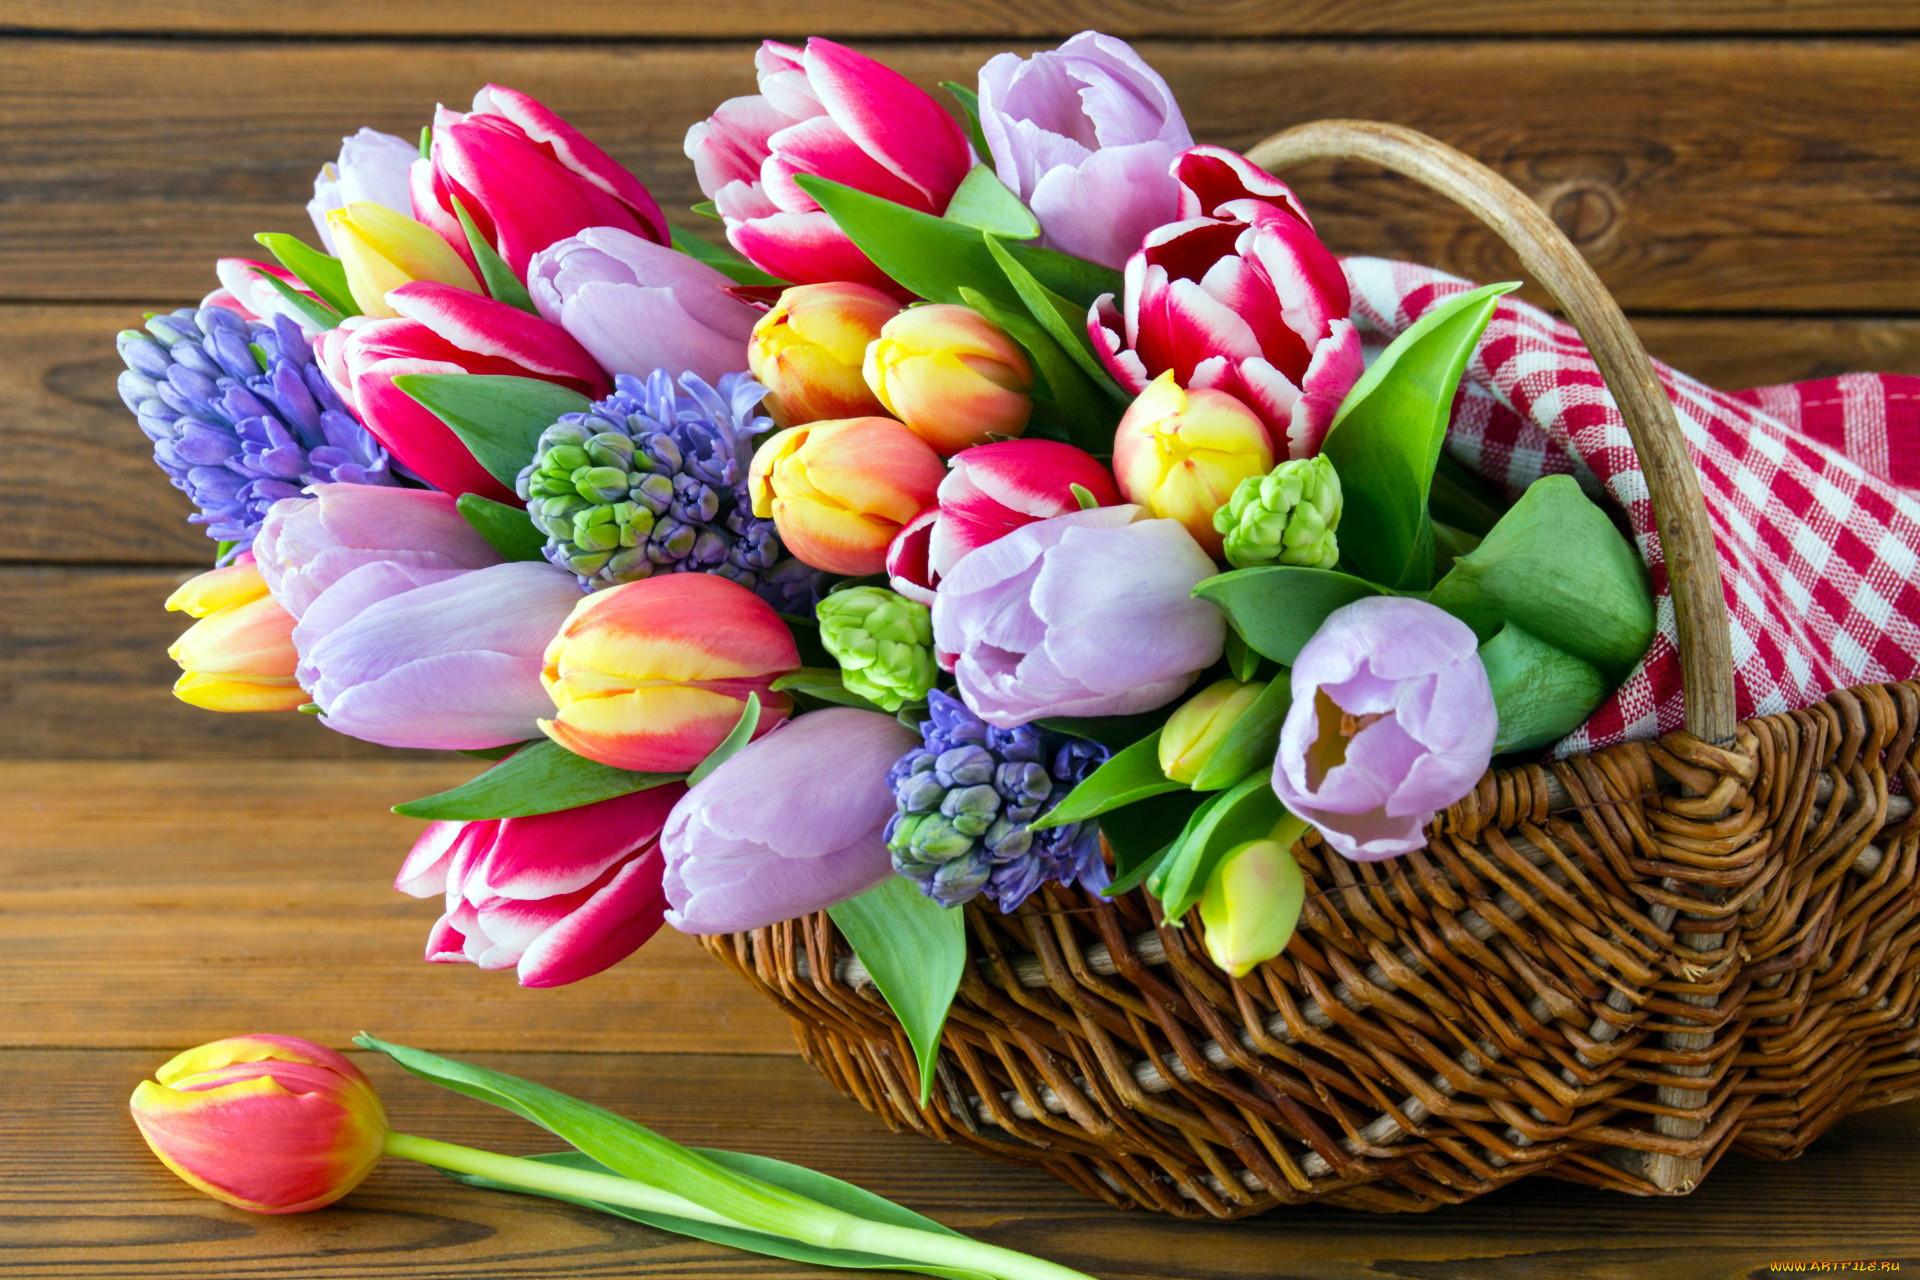 Картинки тюльпаны красивые букеты на столе